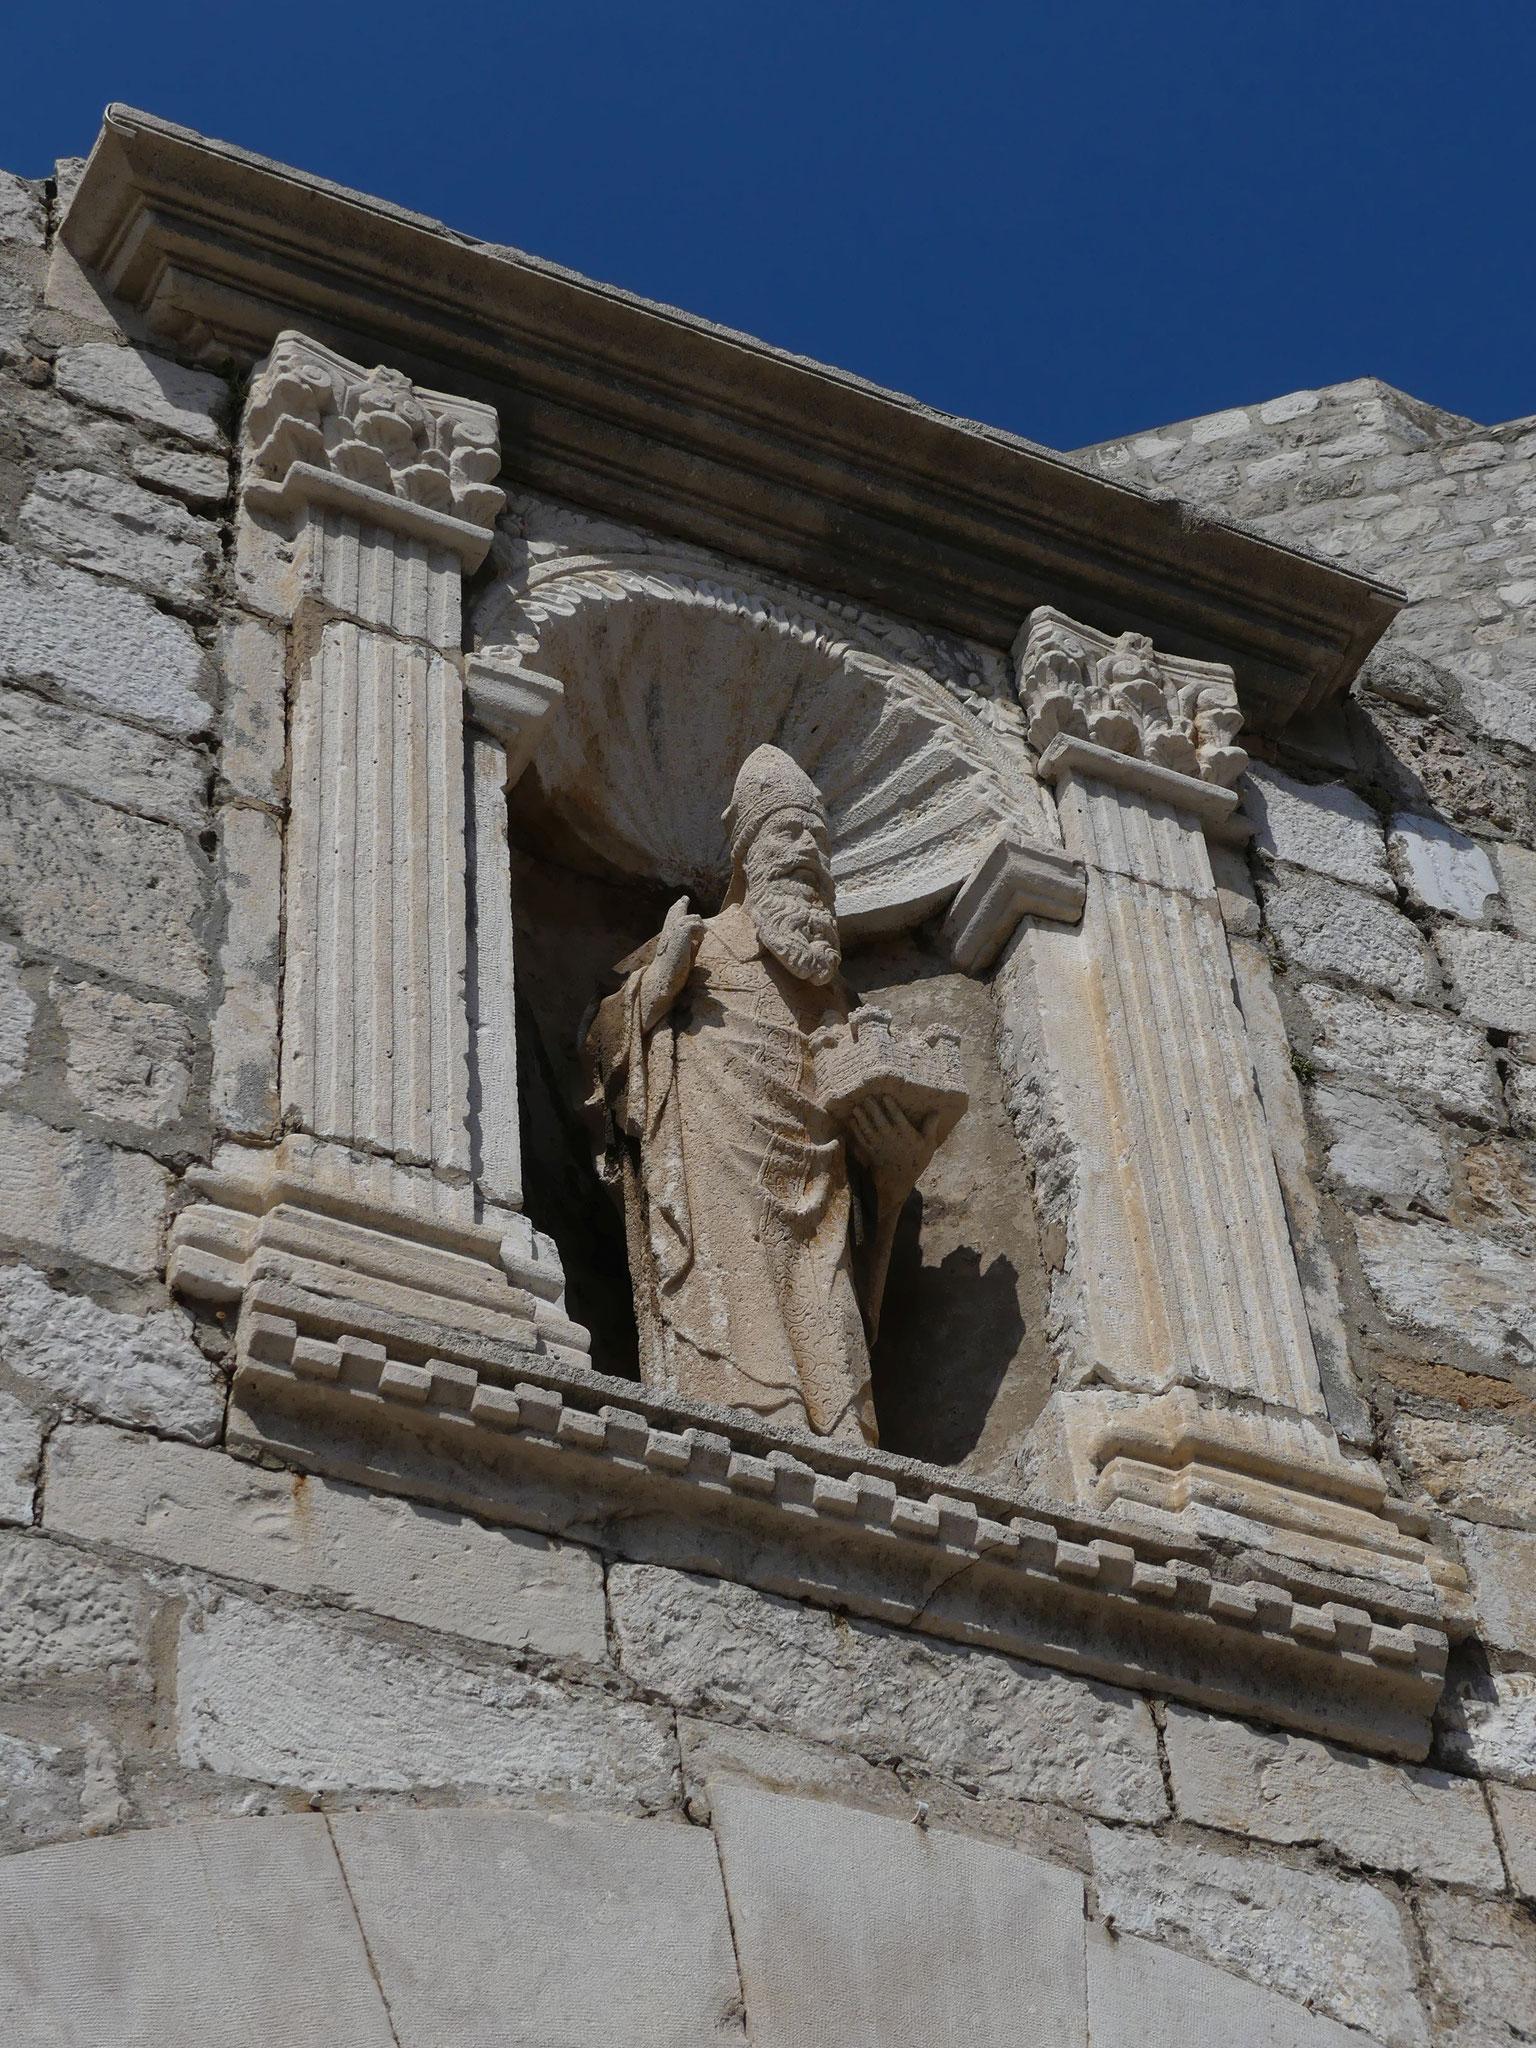 St. Blasius - er wacht über der Stadt, ist allgegenwärtig